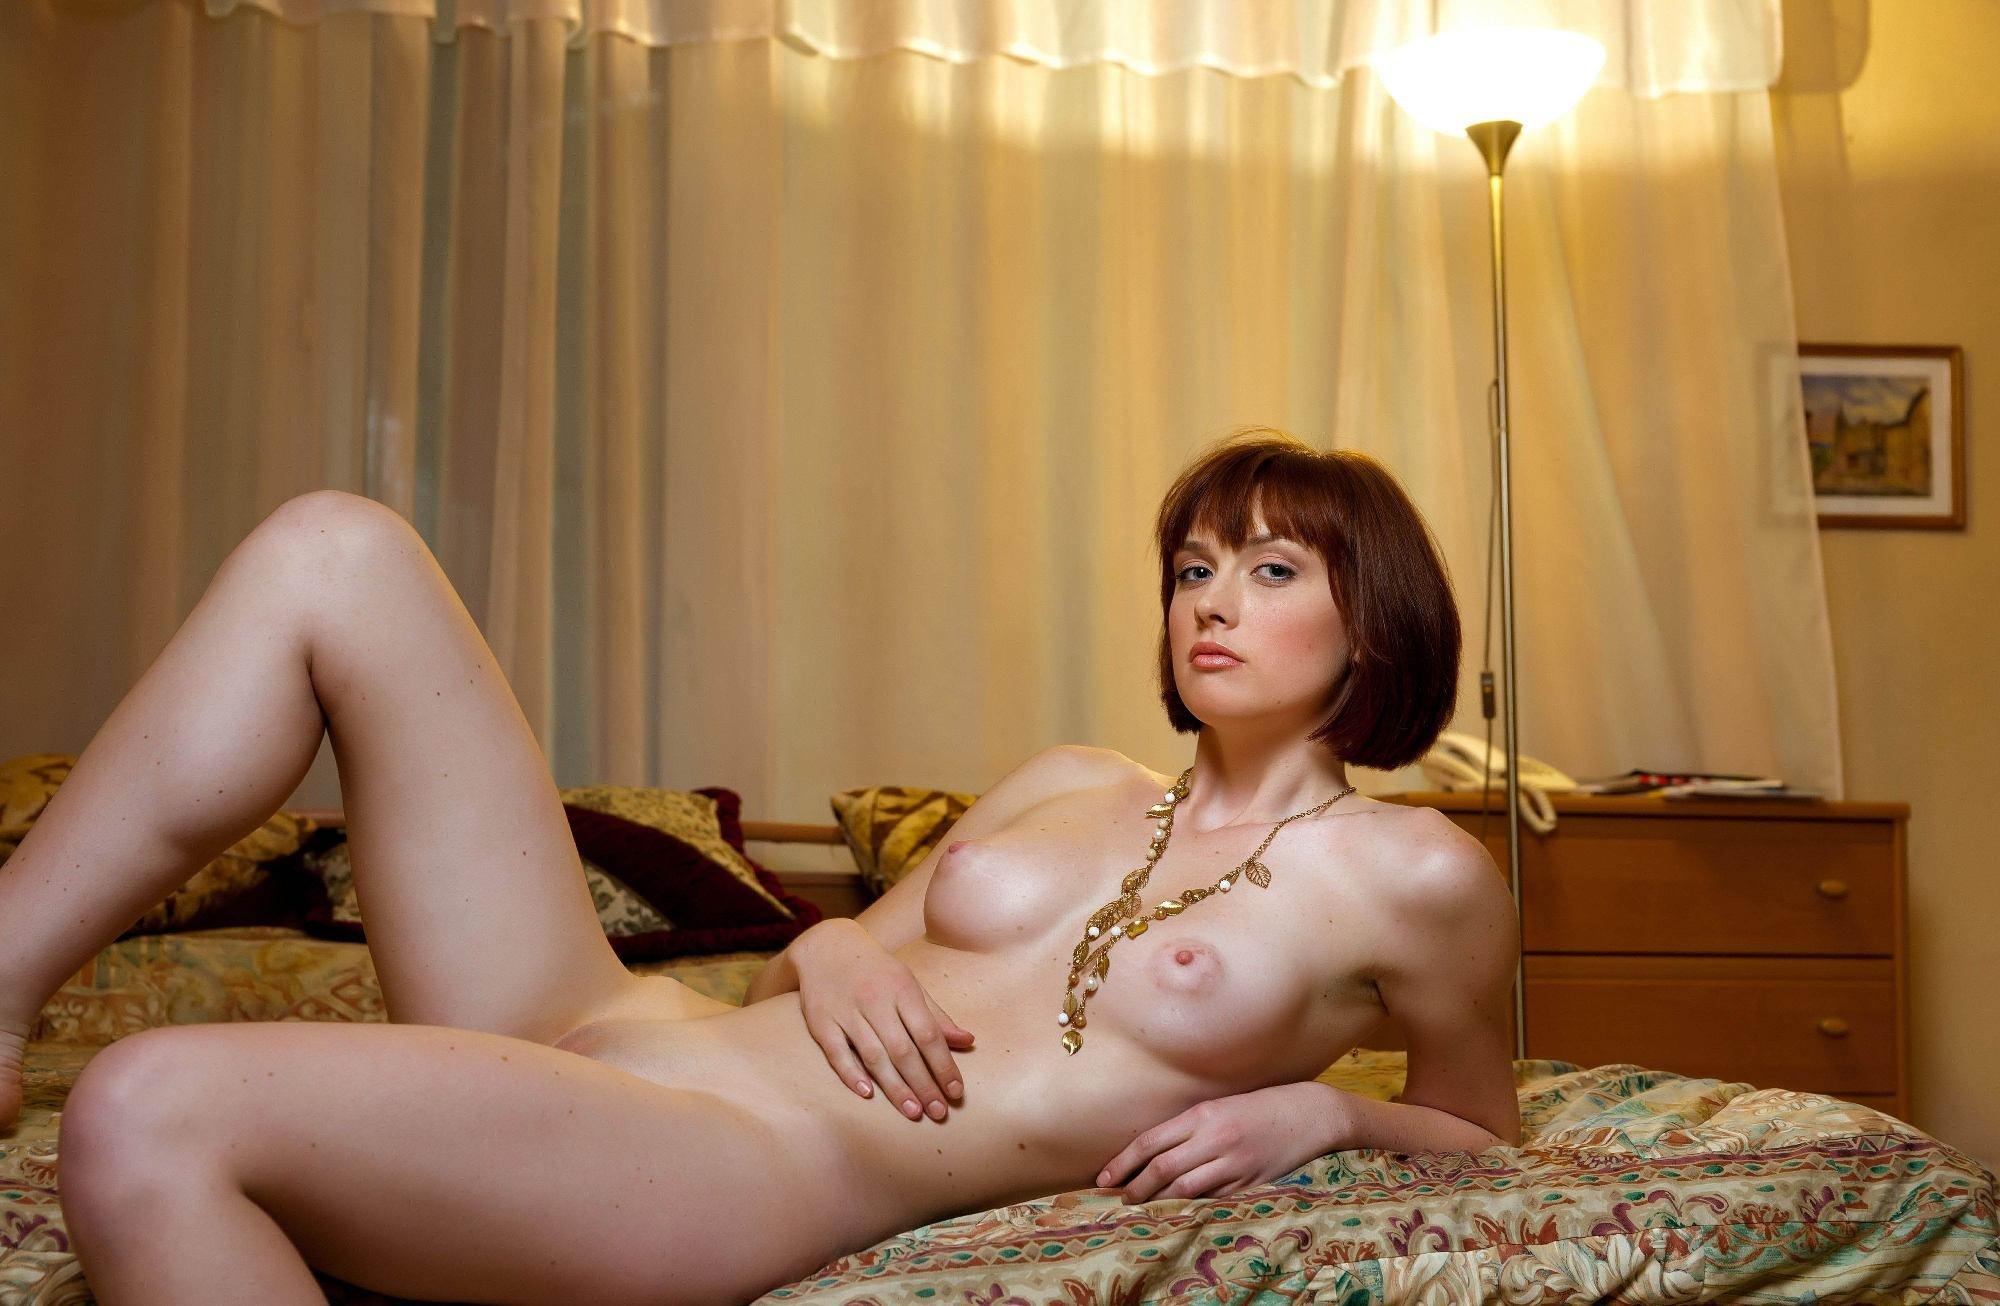 бесплатно порно в возросте онлайн